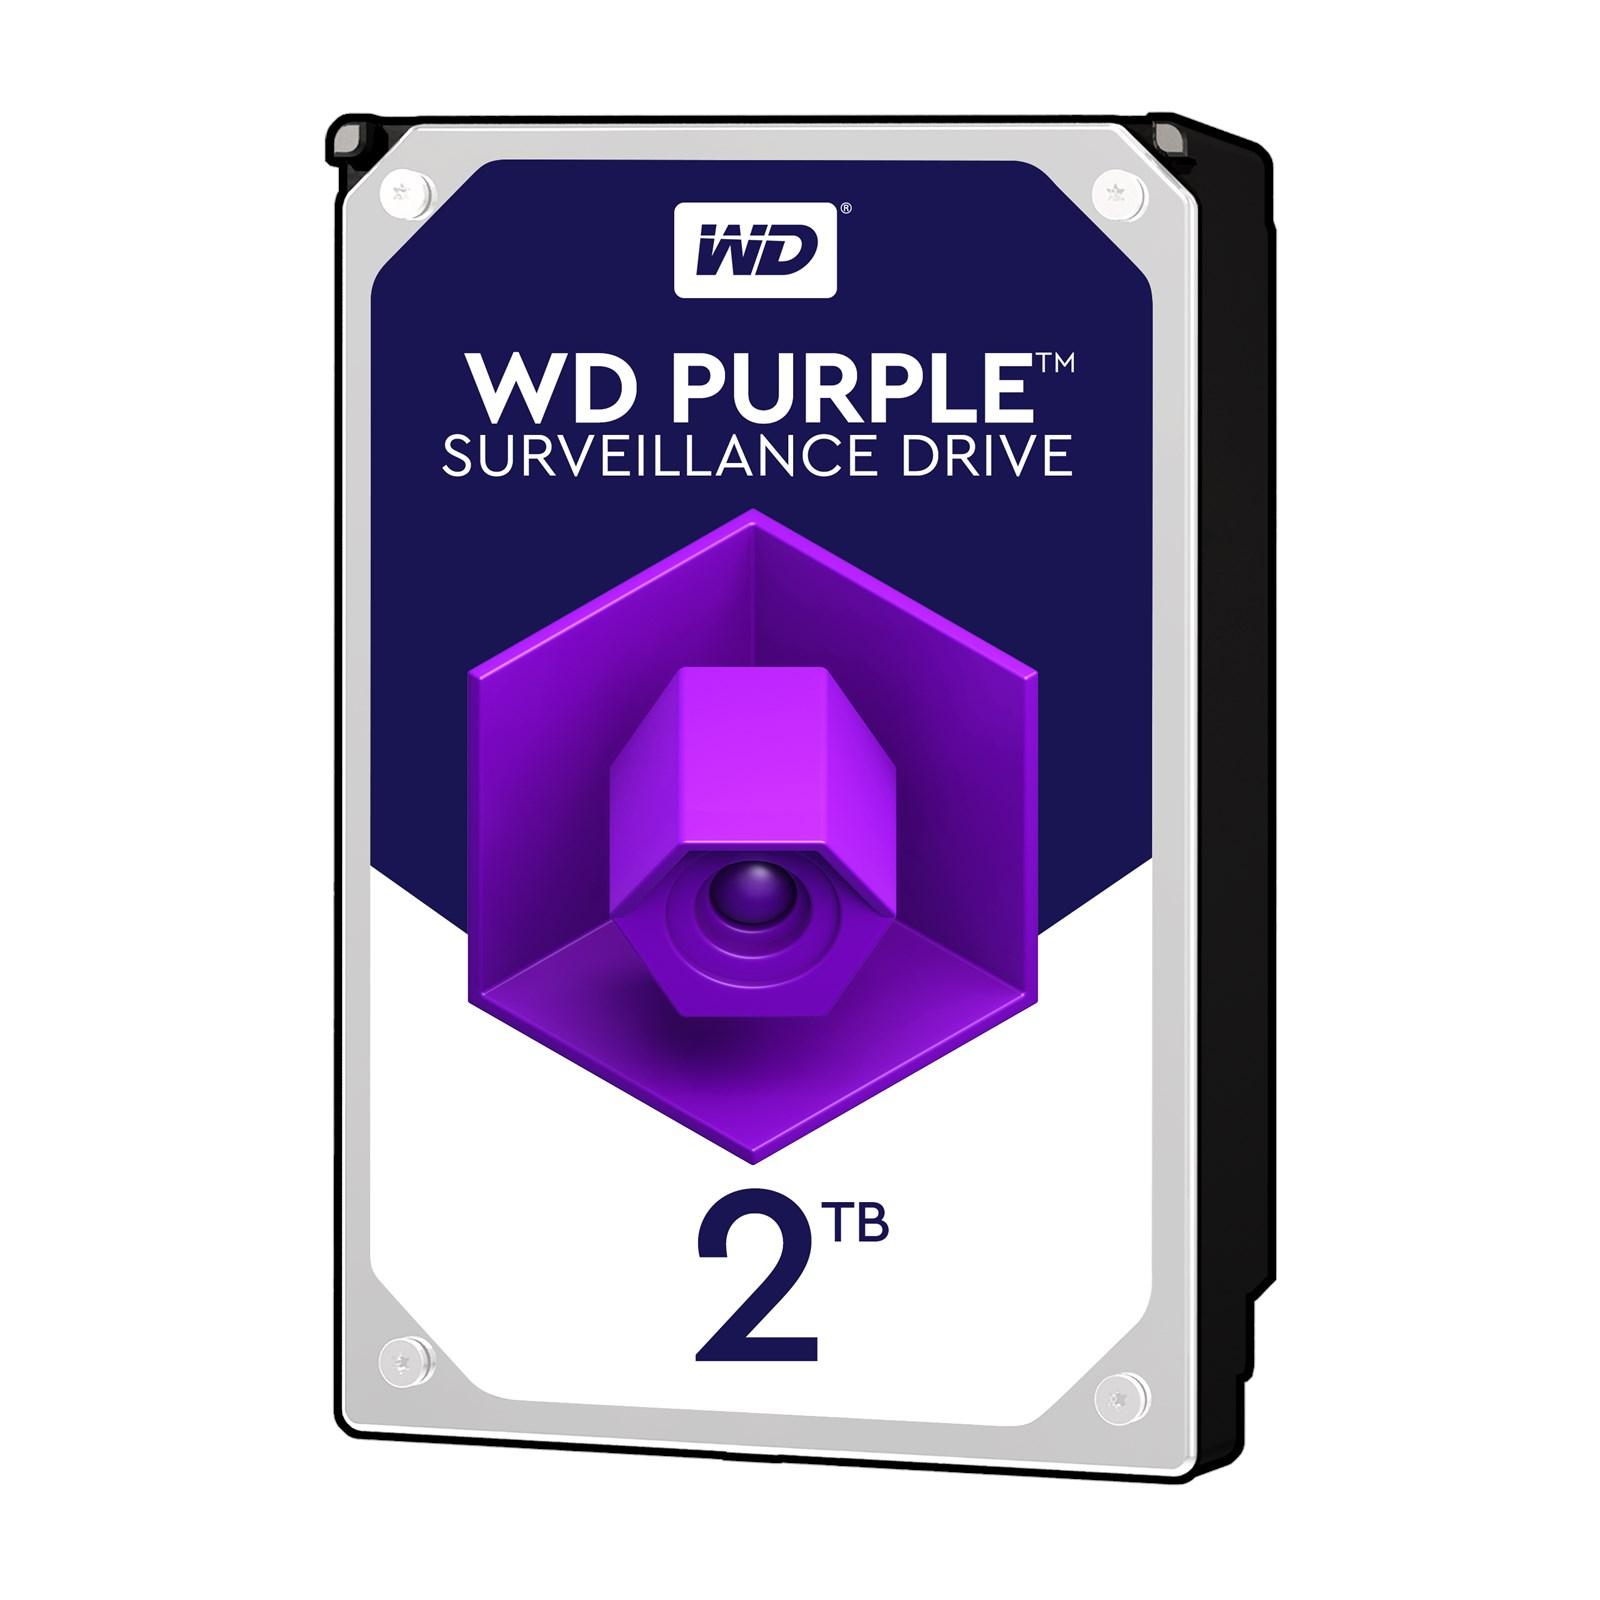 WD PURPLE 2TB 5400RPM 64MB SATA3 6Gbit/sn WD20PURZ 7/24 HDD